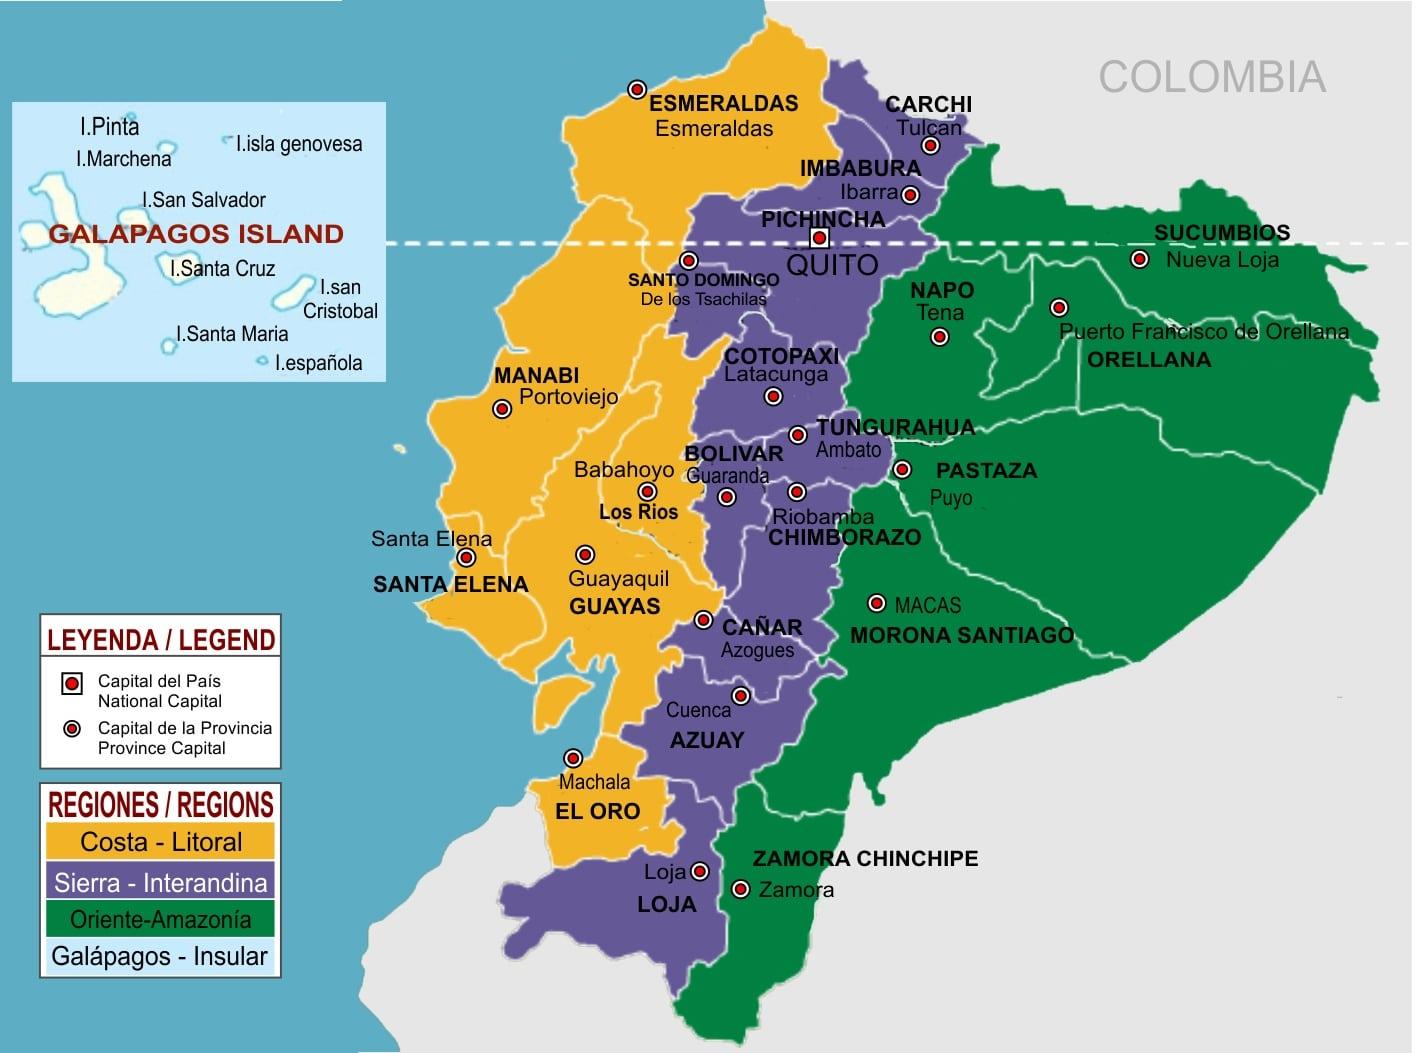 Comida ecuatoriana - Regiones